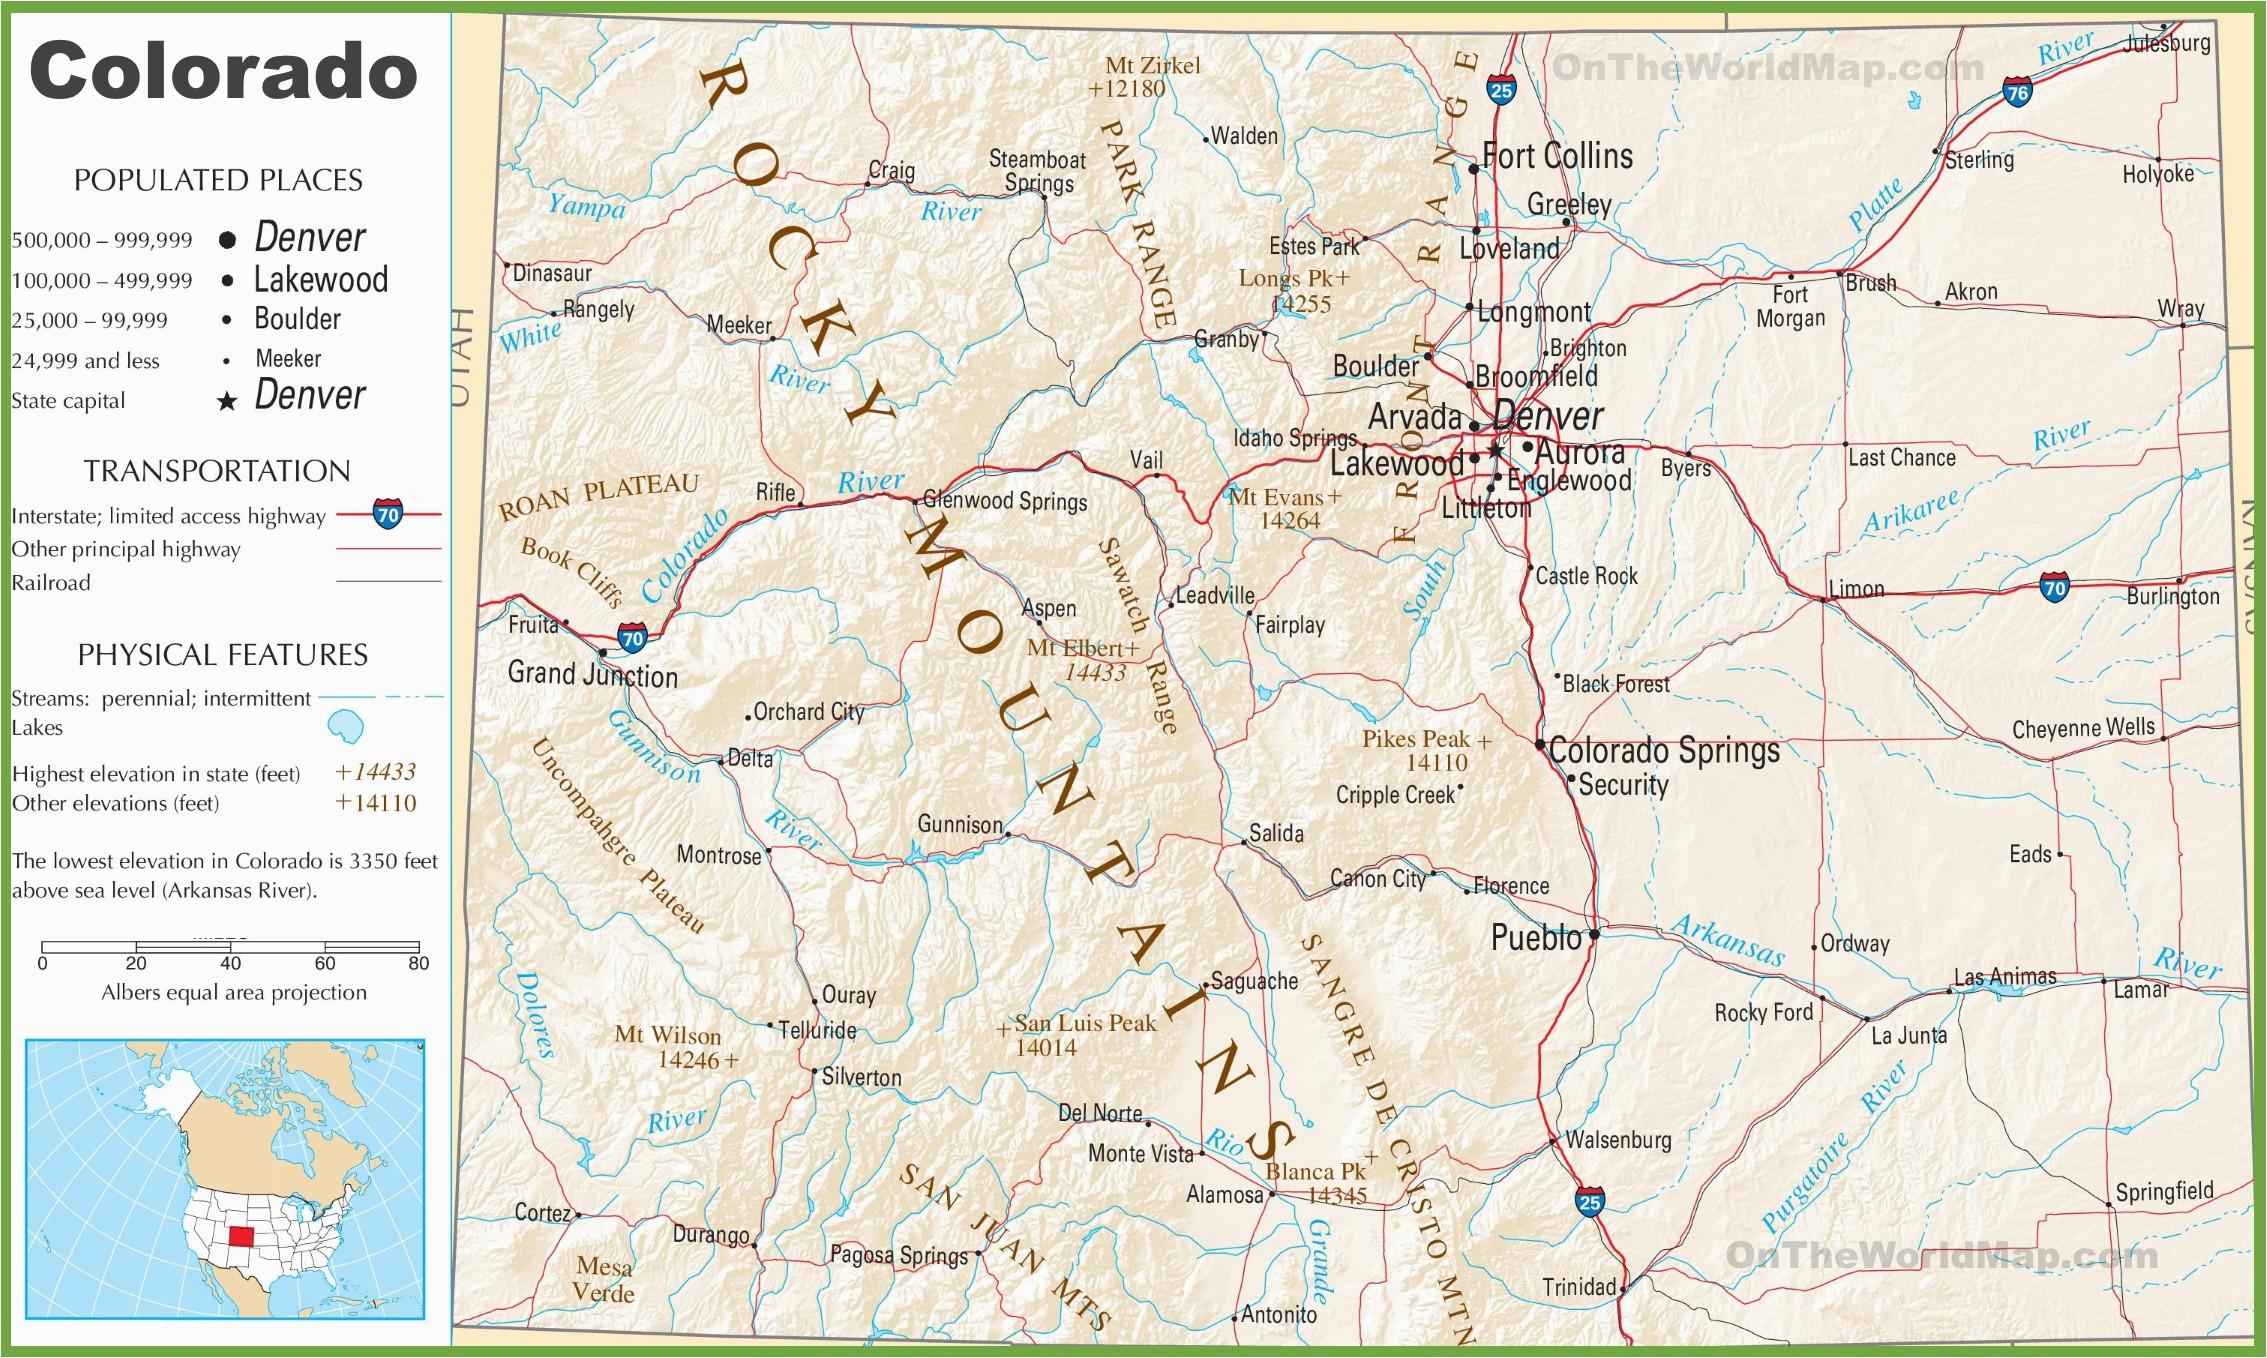 Colorado Mile Marker Map | secretmuseum on interstate 70 in illinois, interstate 35 mile marker map, interstate 44 mile marker map, pennsylvania interstate 81 mile marker map, interstate highway map of texas, interstate 40 mile marker, interstate maps with mile markers,